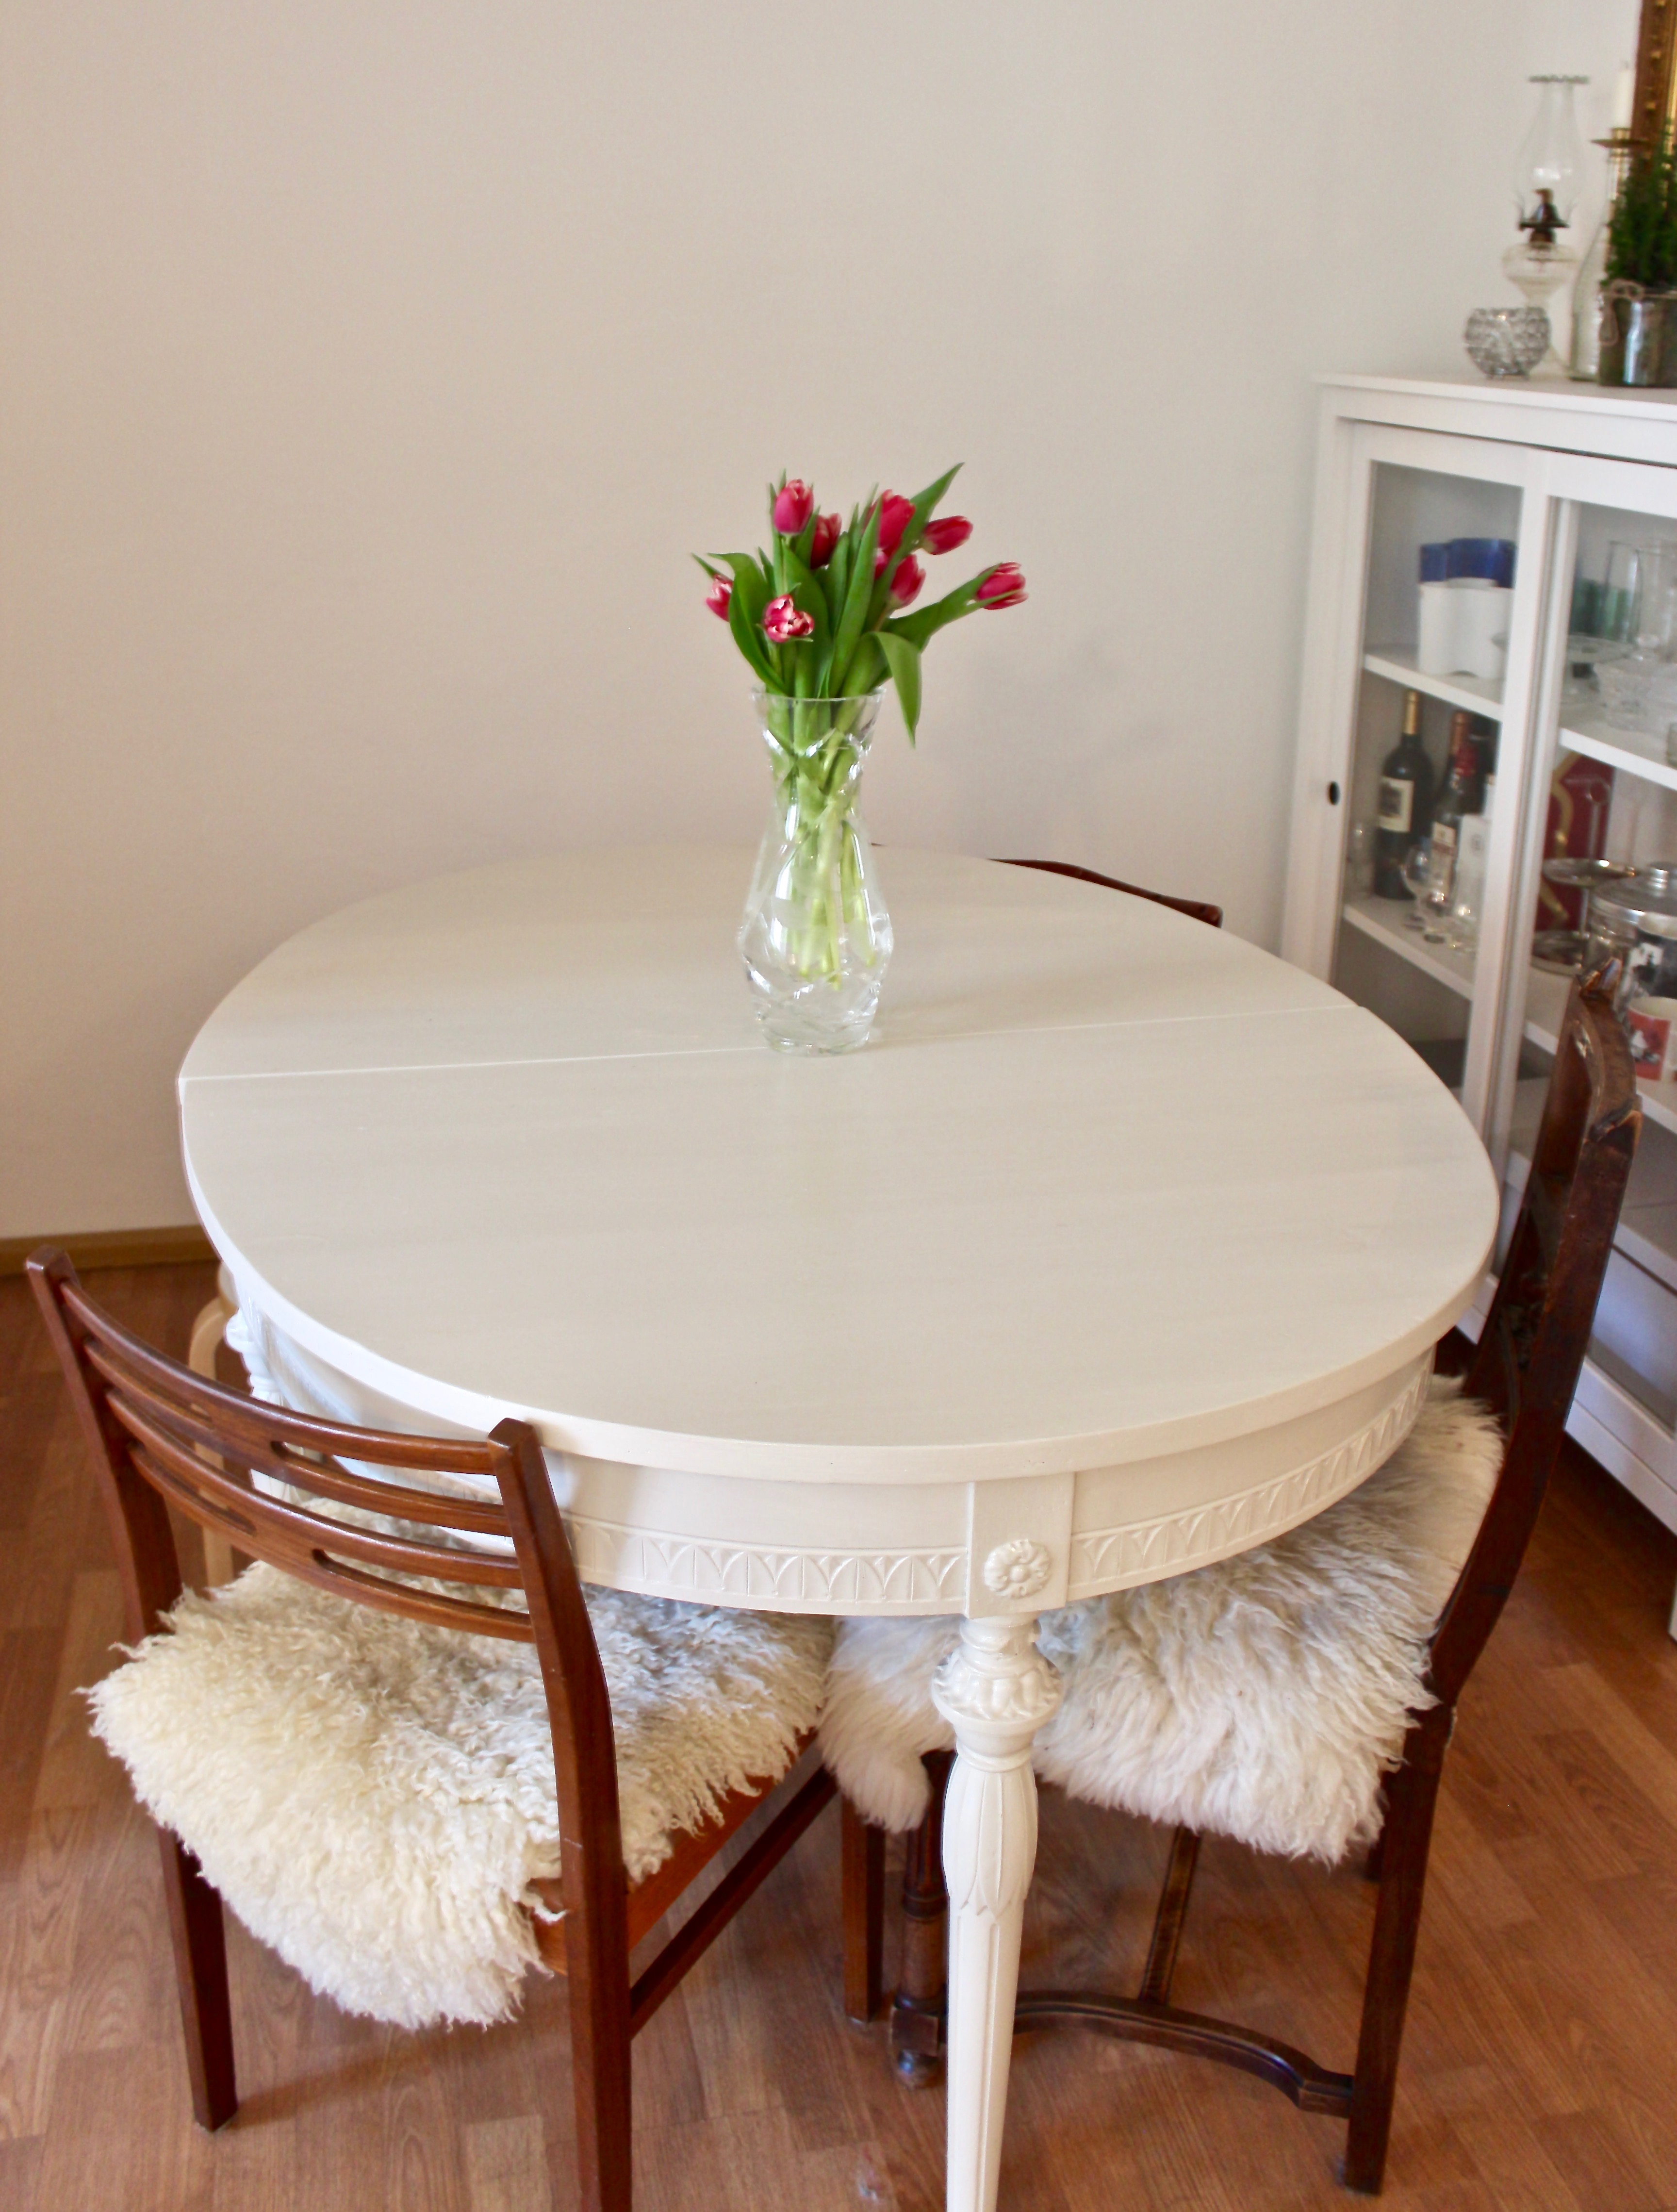 Uusi (vanha) pöytä tuli taloon